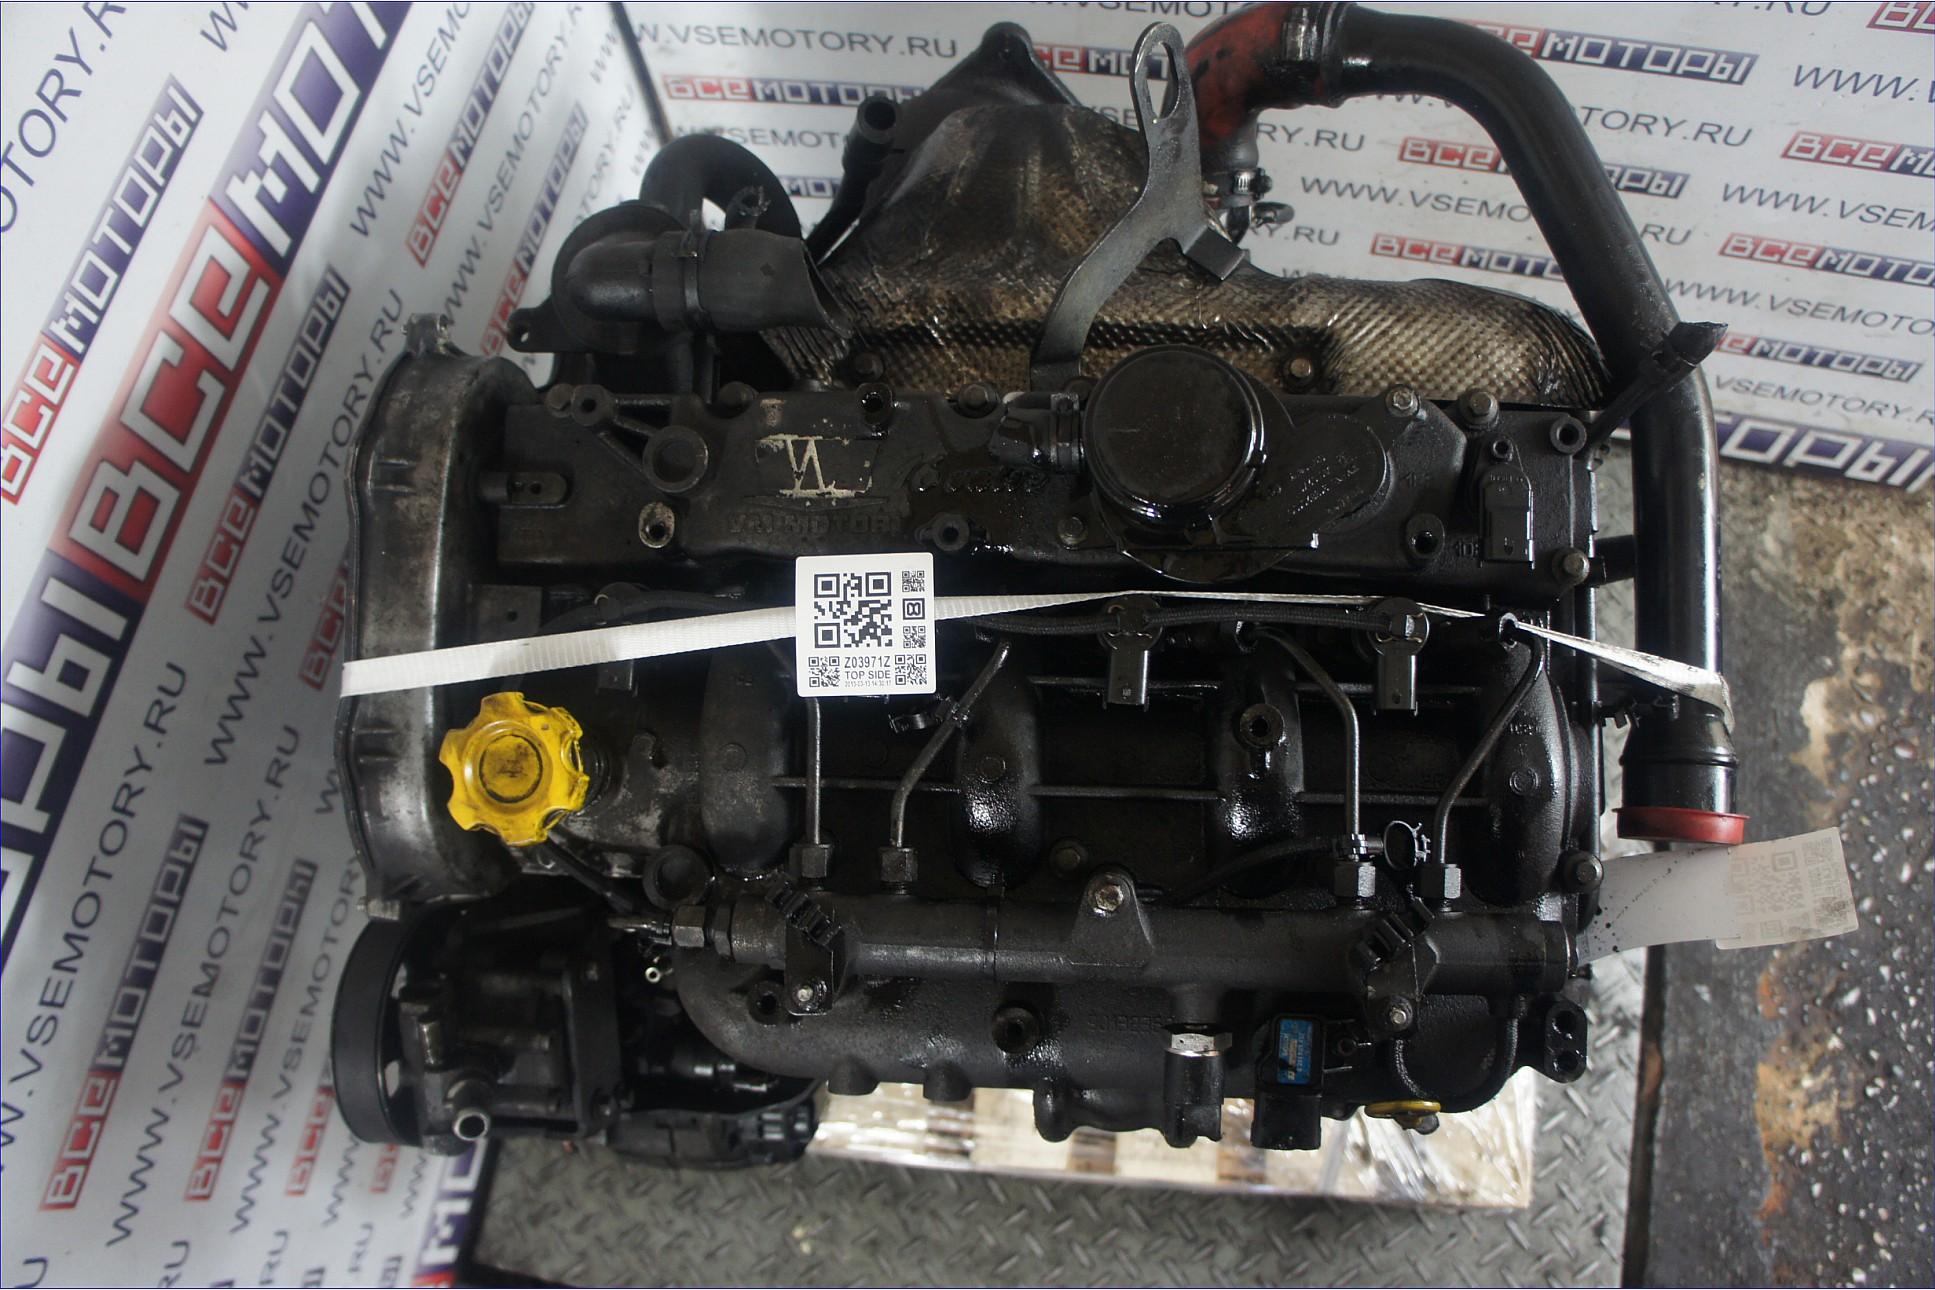 motor_vm39c